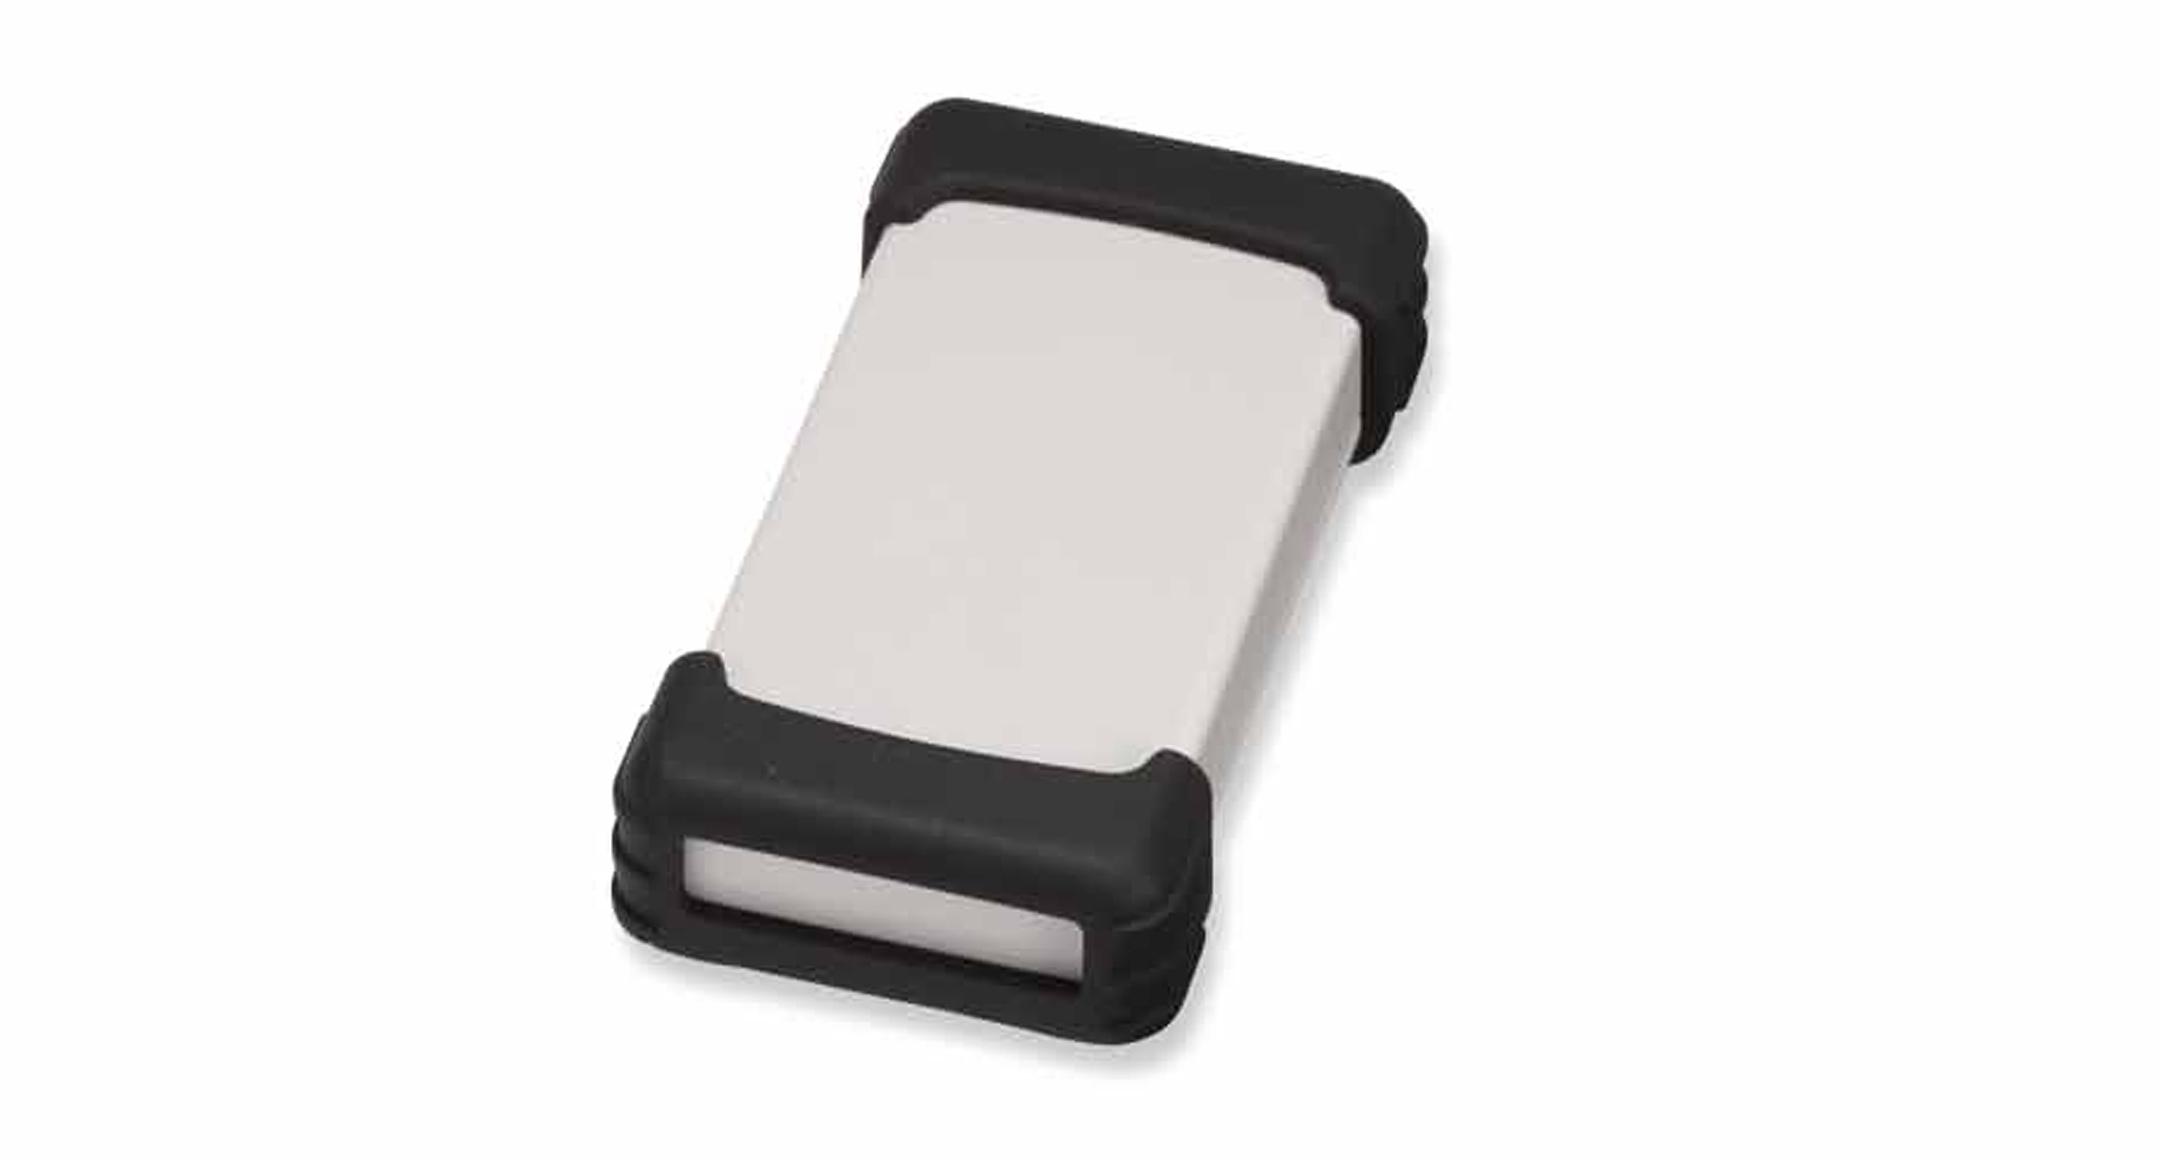 シリコンプロテクター付プラスチックケース TWSシリーズ:ライトグレー/ブラックの画像